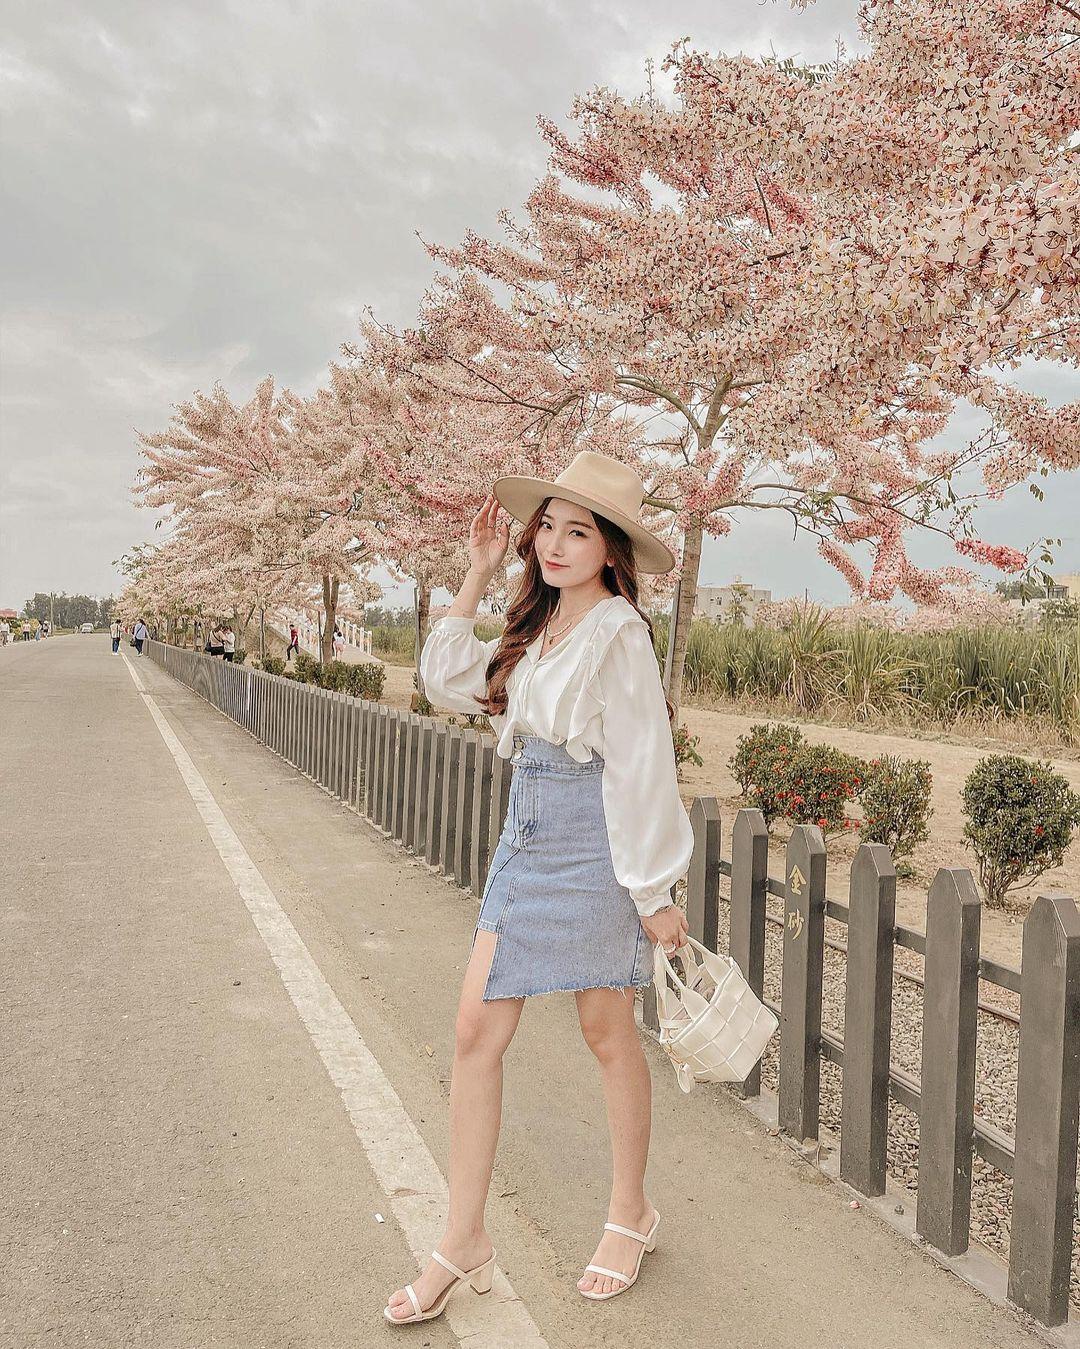 Gái Hàn có 12 cách lên đồ với áo blouse đẹp mê, xem xong là muốn copy đến sở làm liền - Ảnh 8.